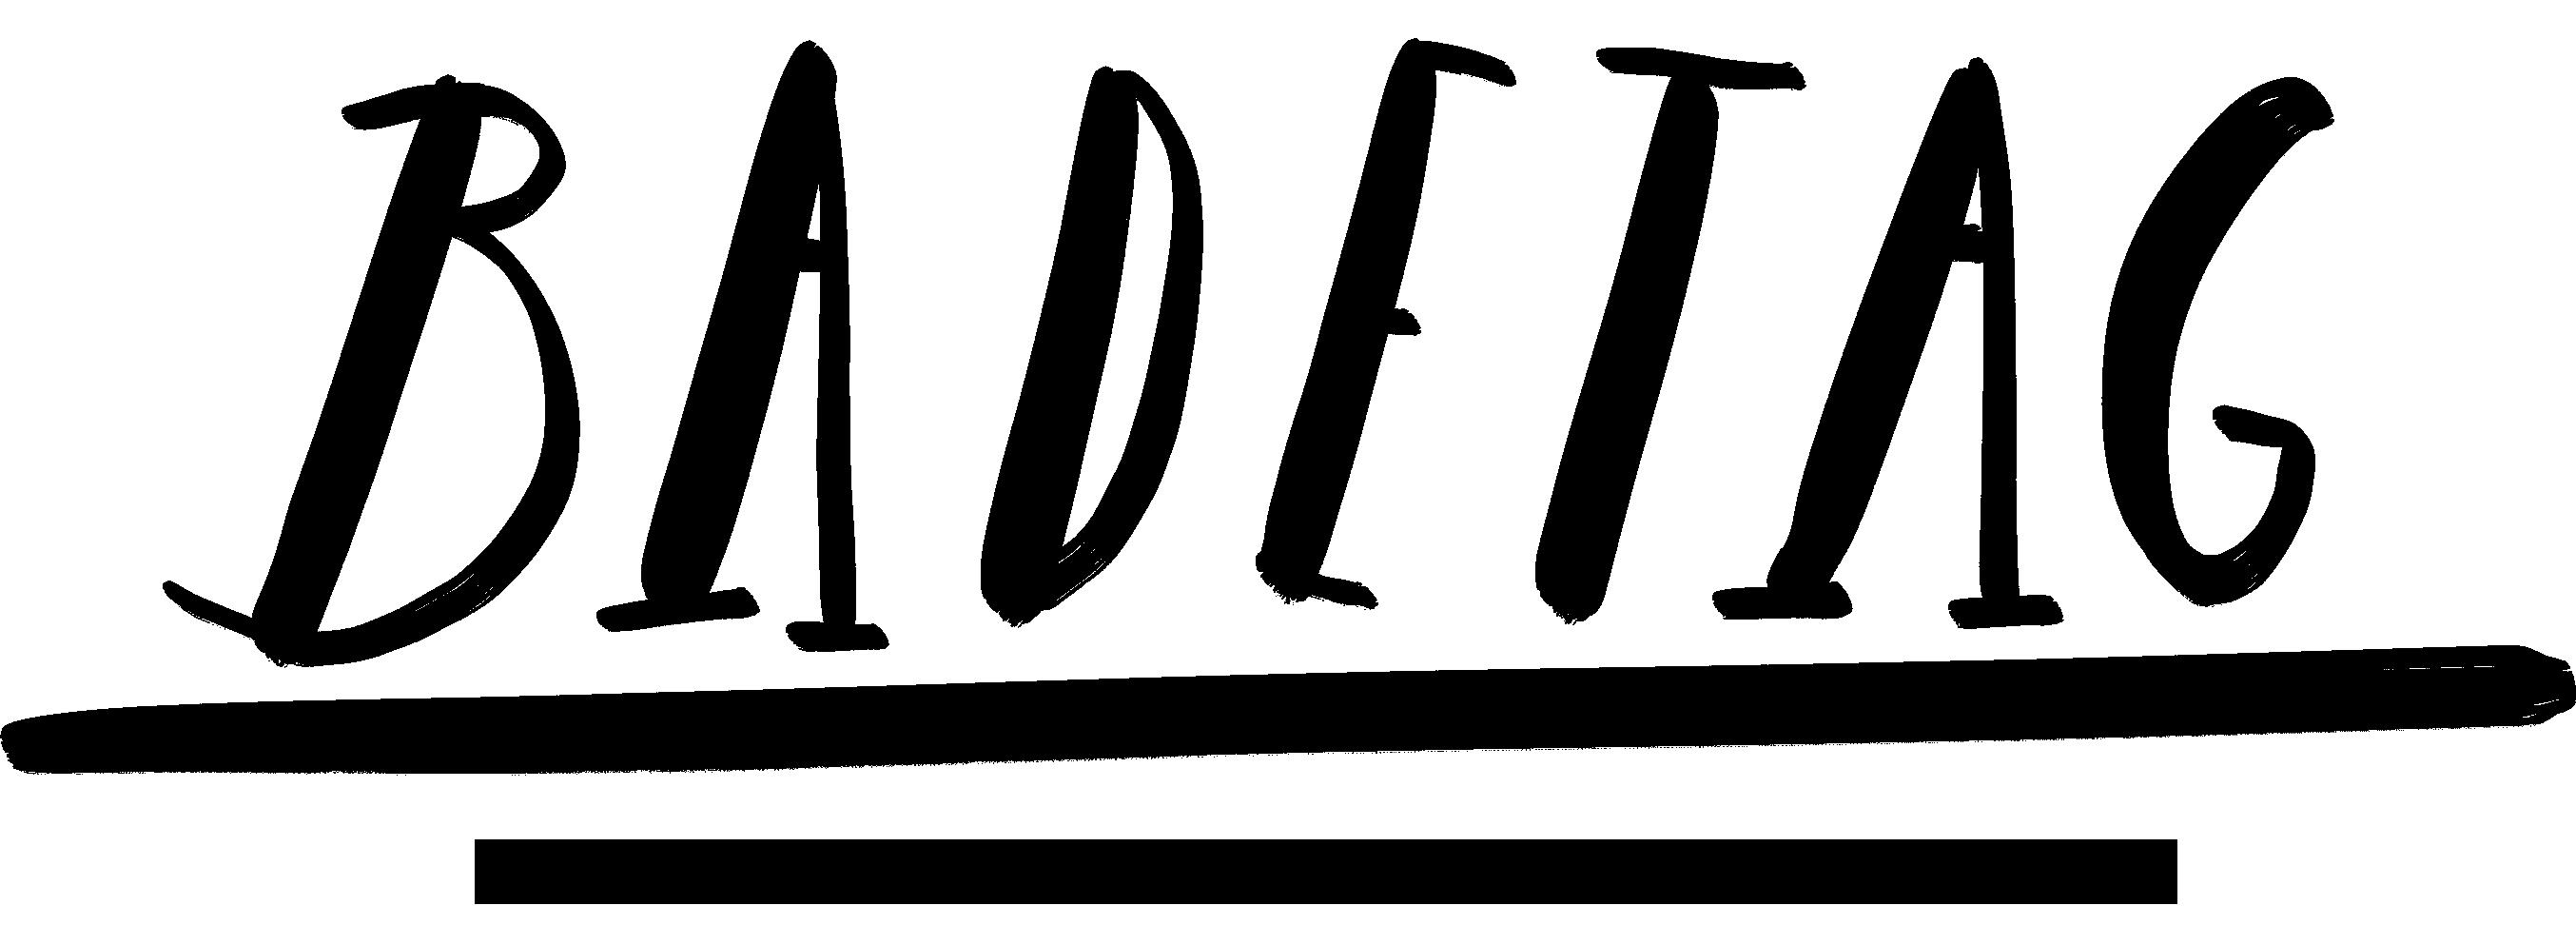 Badetag